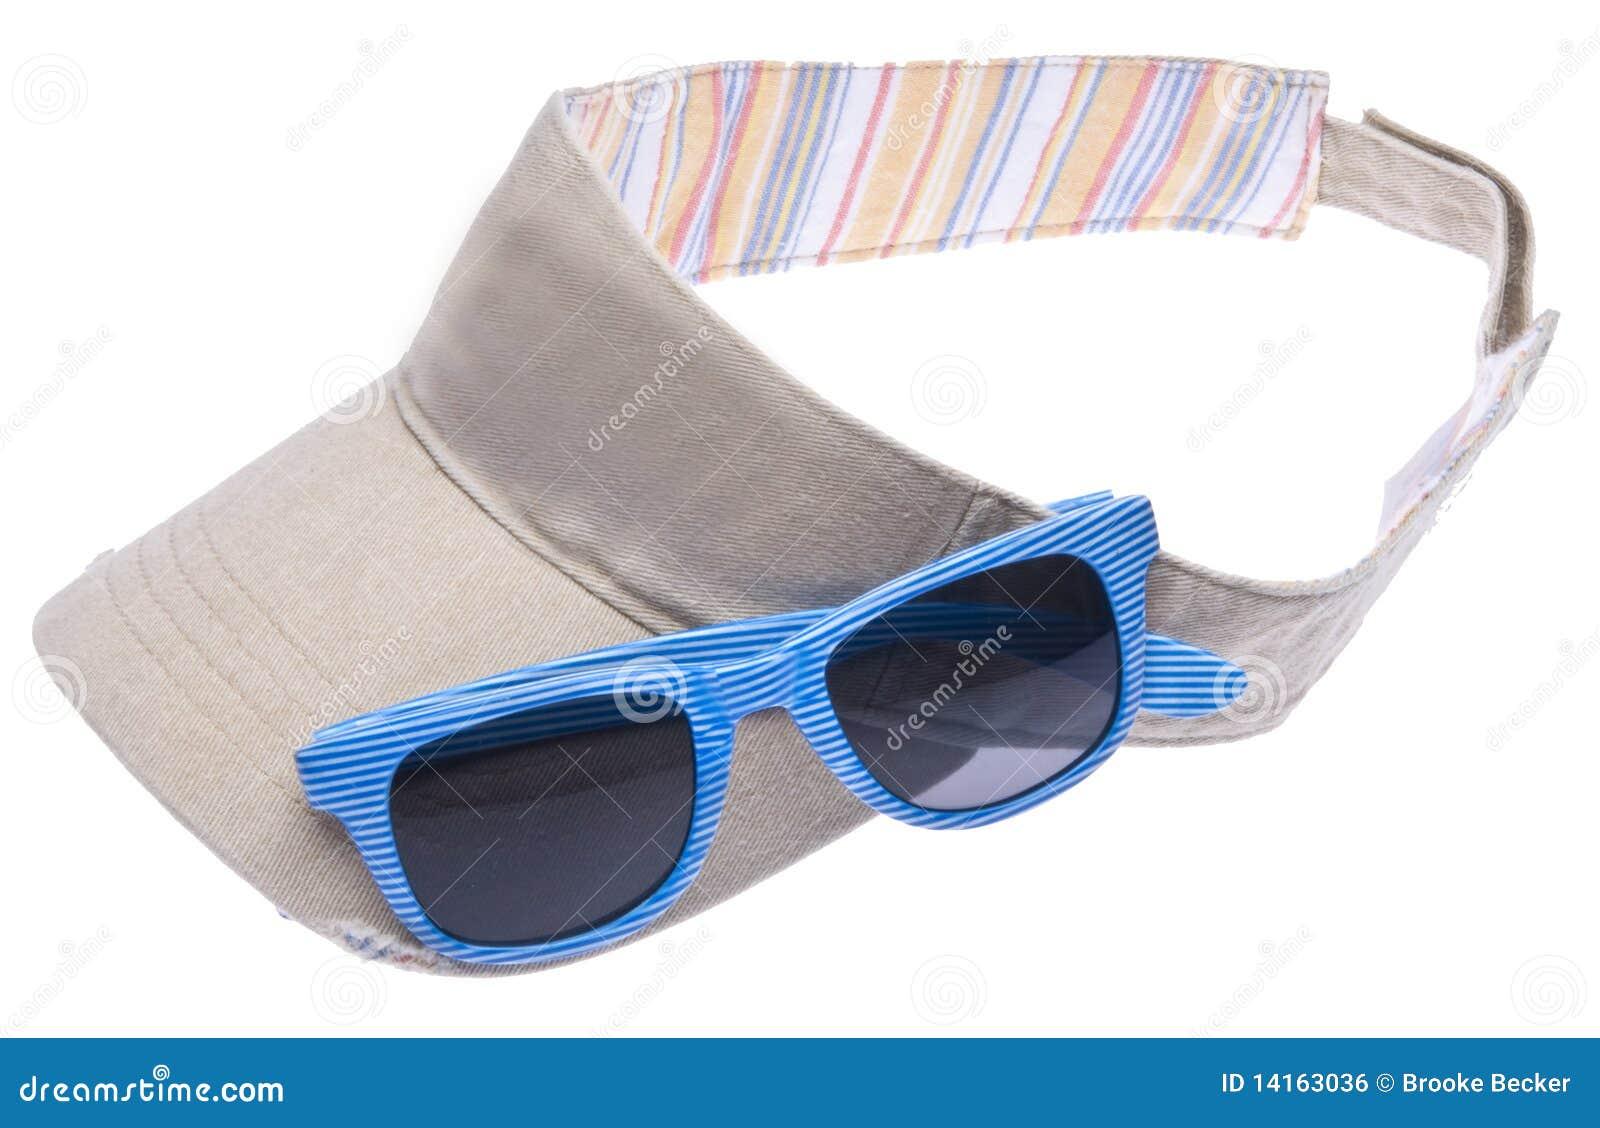 Viseira de sol colorida neutra com os óculos de sol azuis brilhantes  isolados no branco com um trajeto de grampeamento. 501a3346680